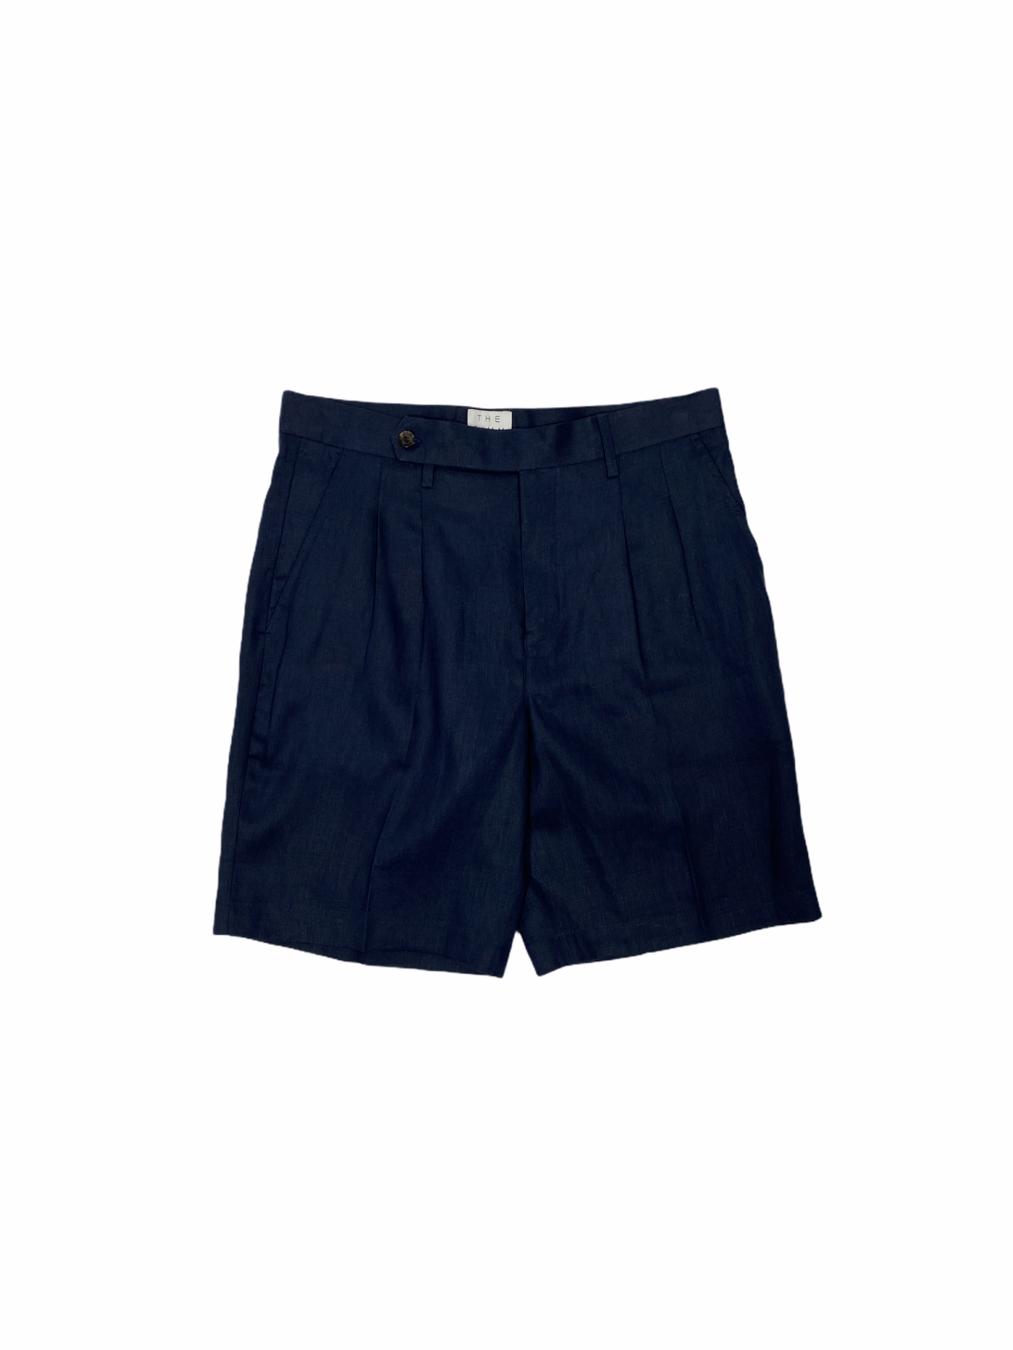 Linen wanderlust shorts (Navy)